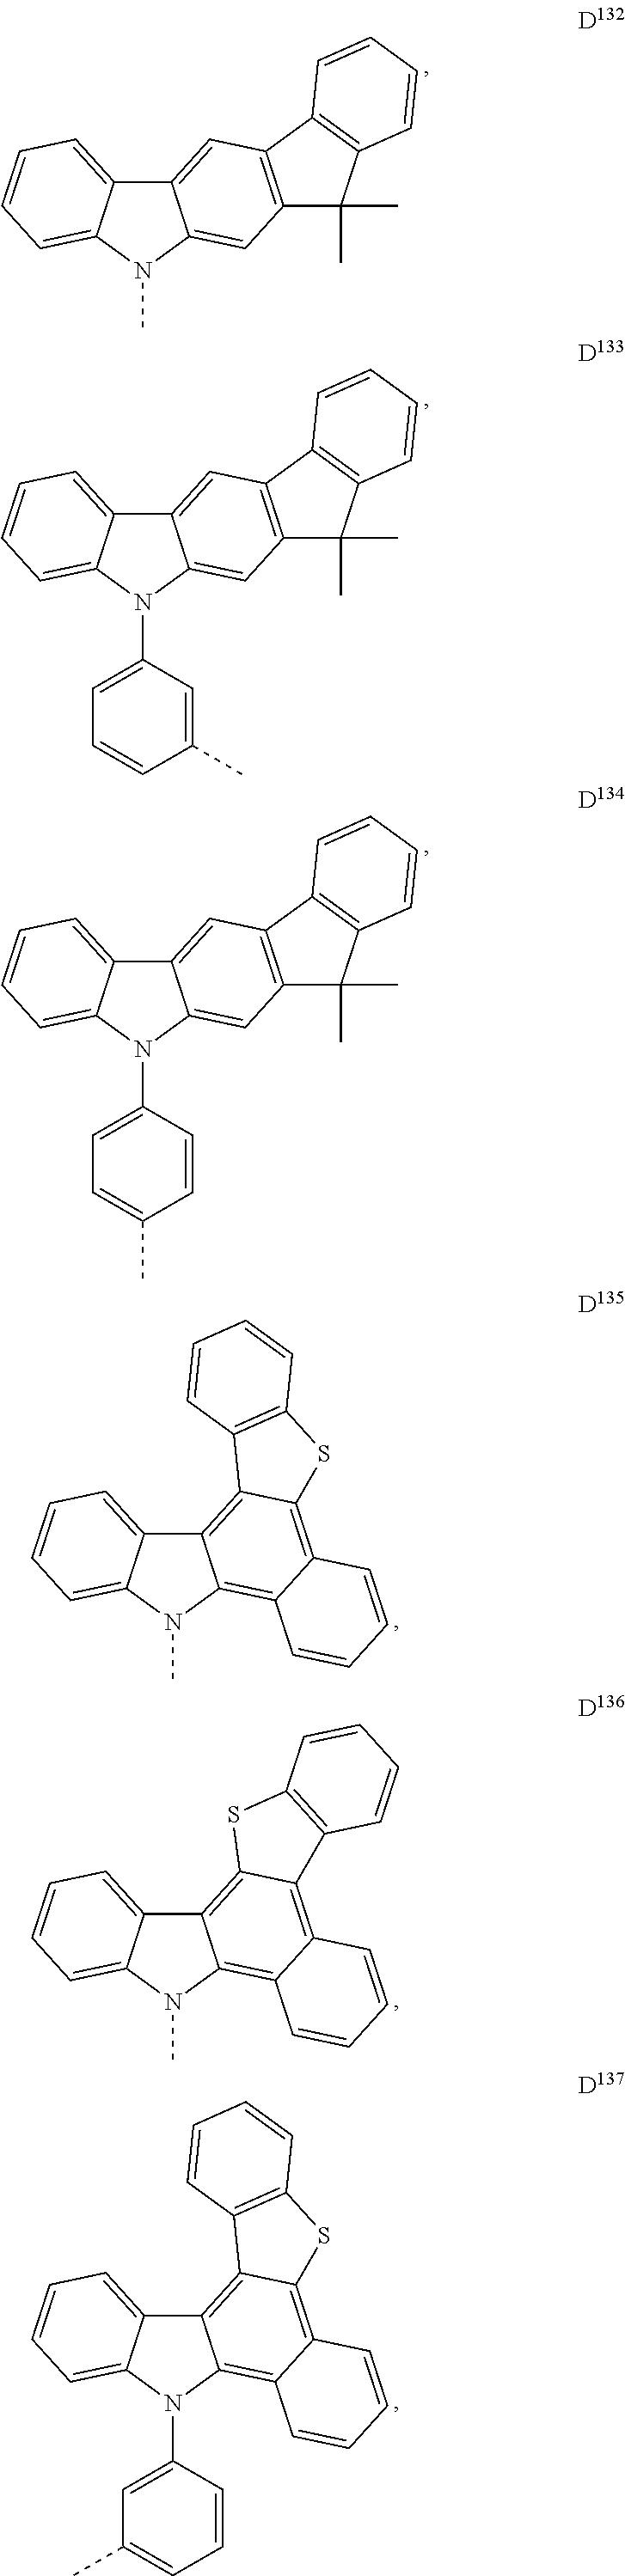 Figure US20170033295A1-20170202-C00220